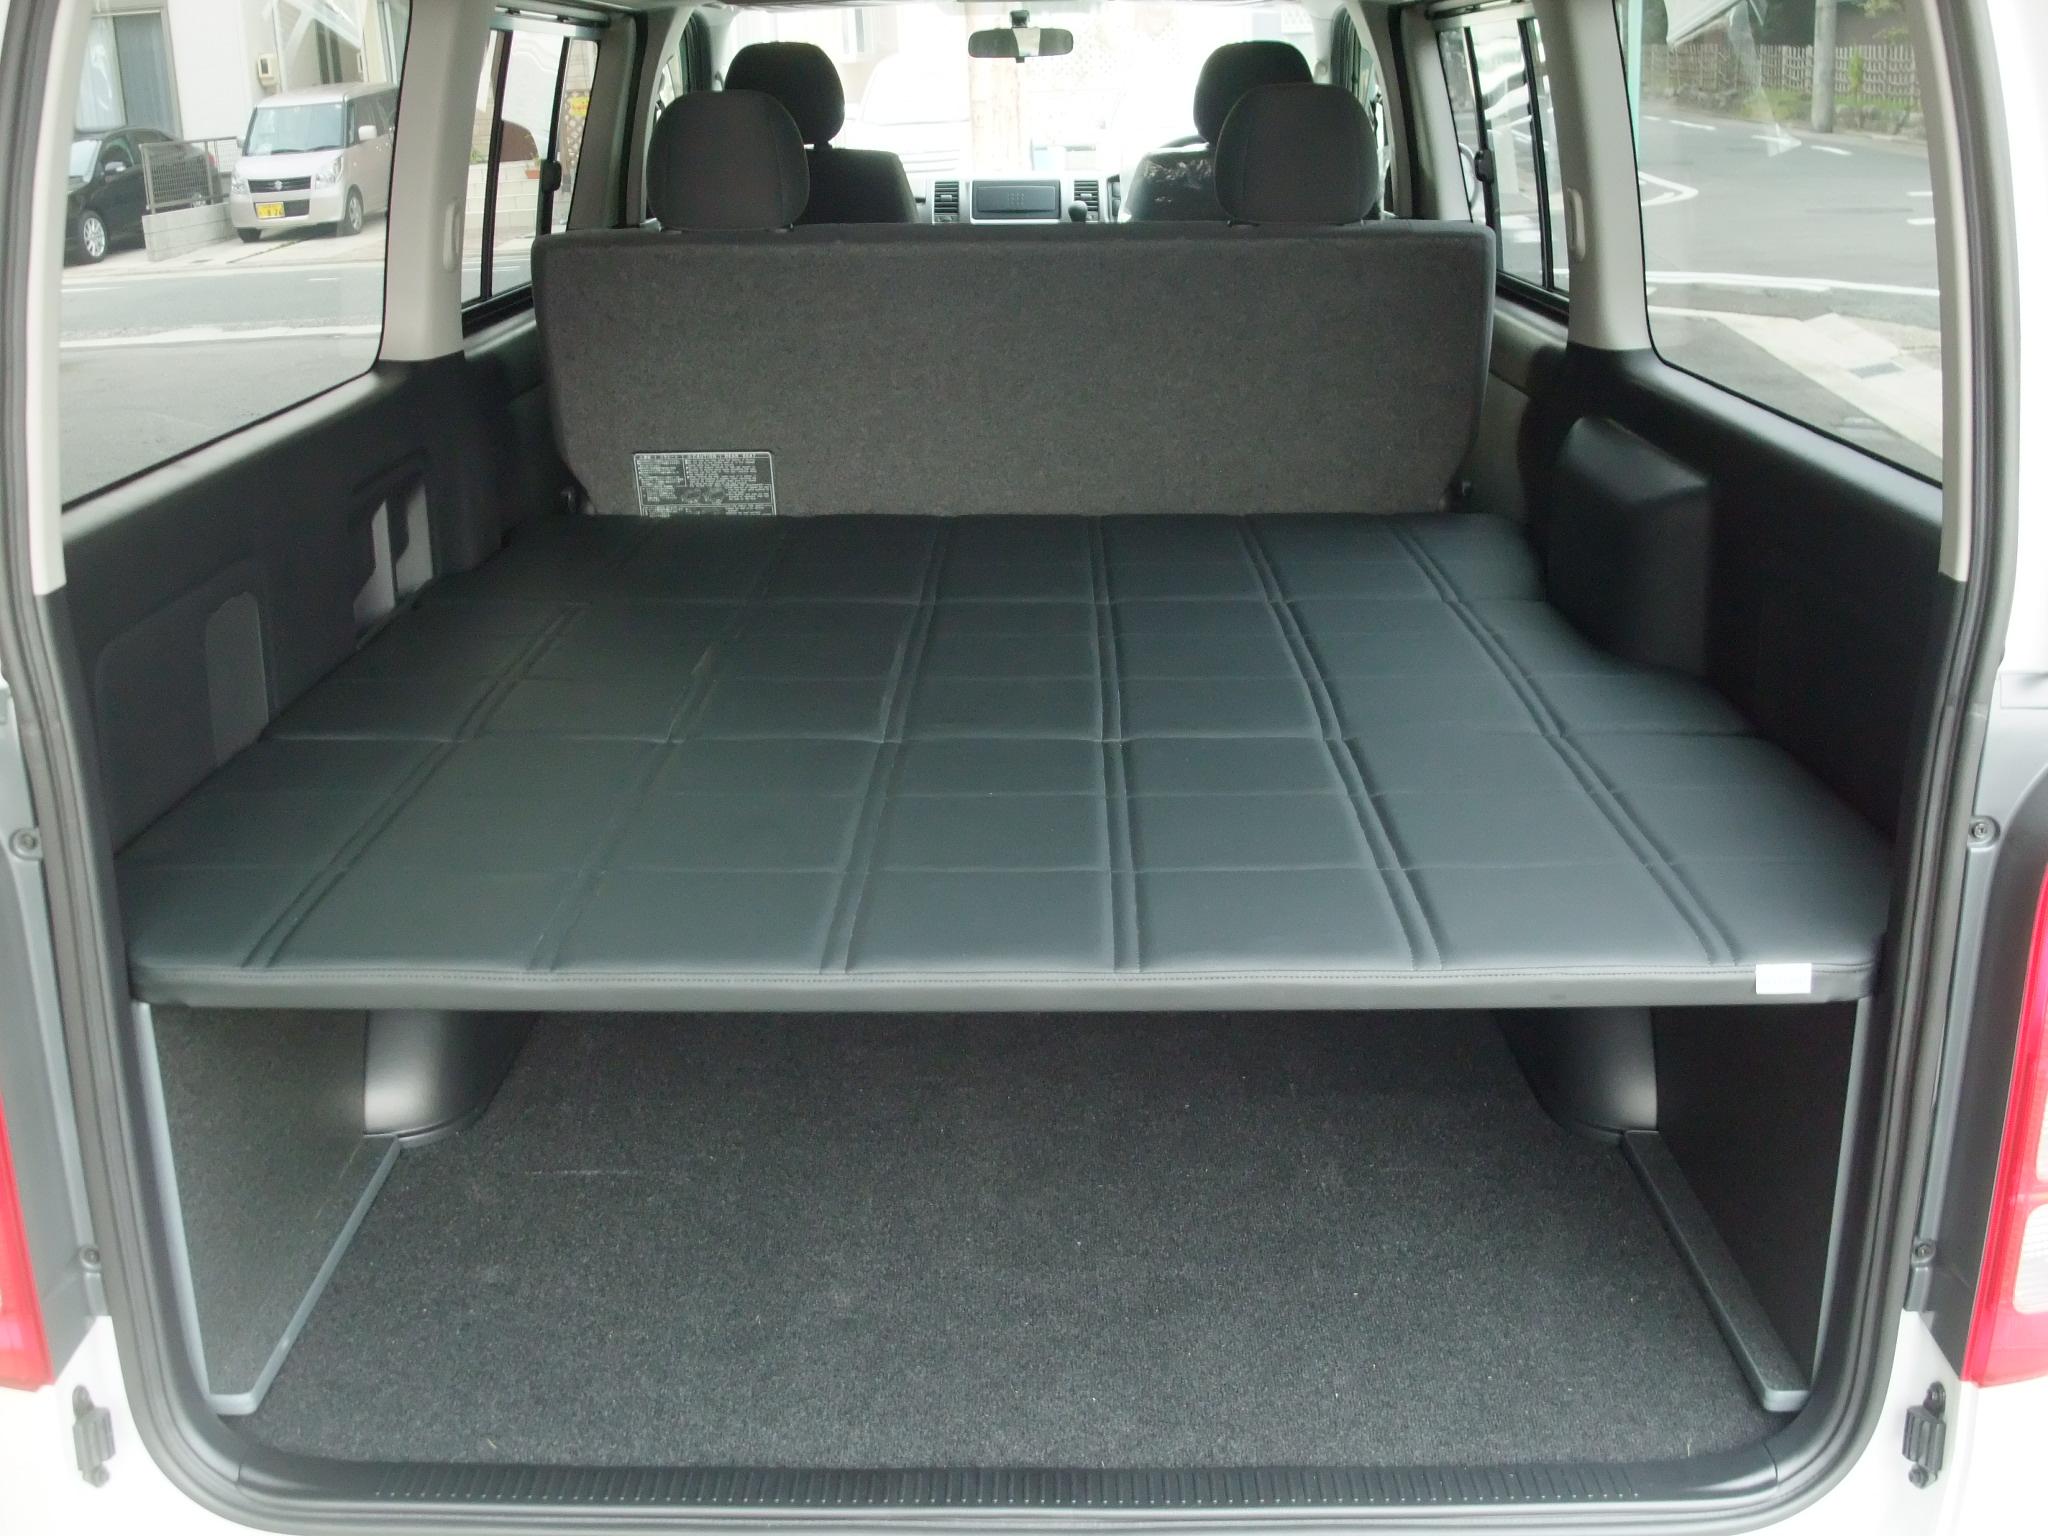 ハイエースでの車中泊に便利!ベッドキットの使い方やおすすめは?のサムネイル画像